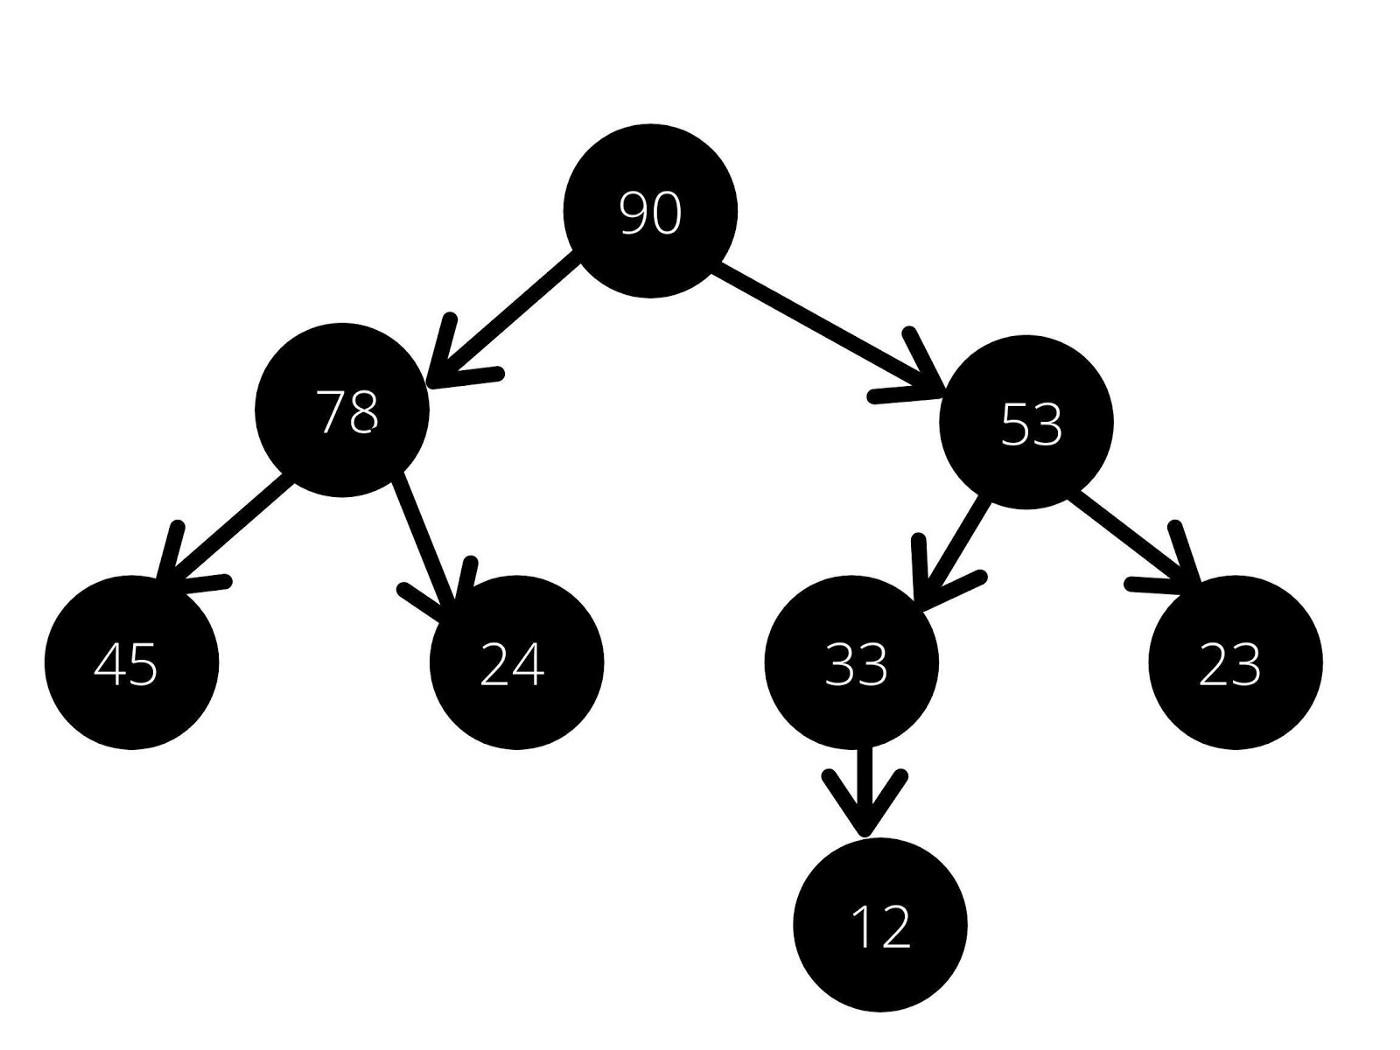 8种基本数据结构简介,了解最常见数据结构背后的基本概念 13